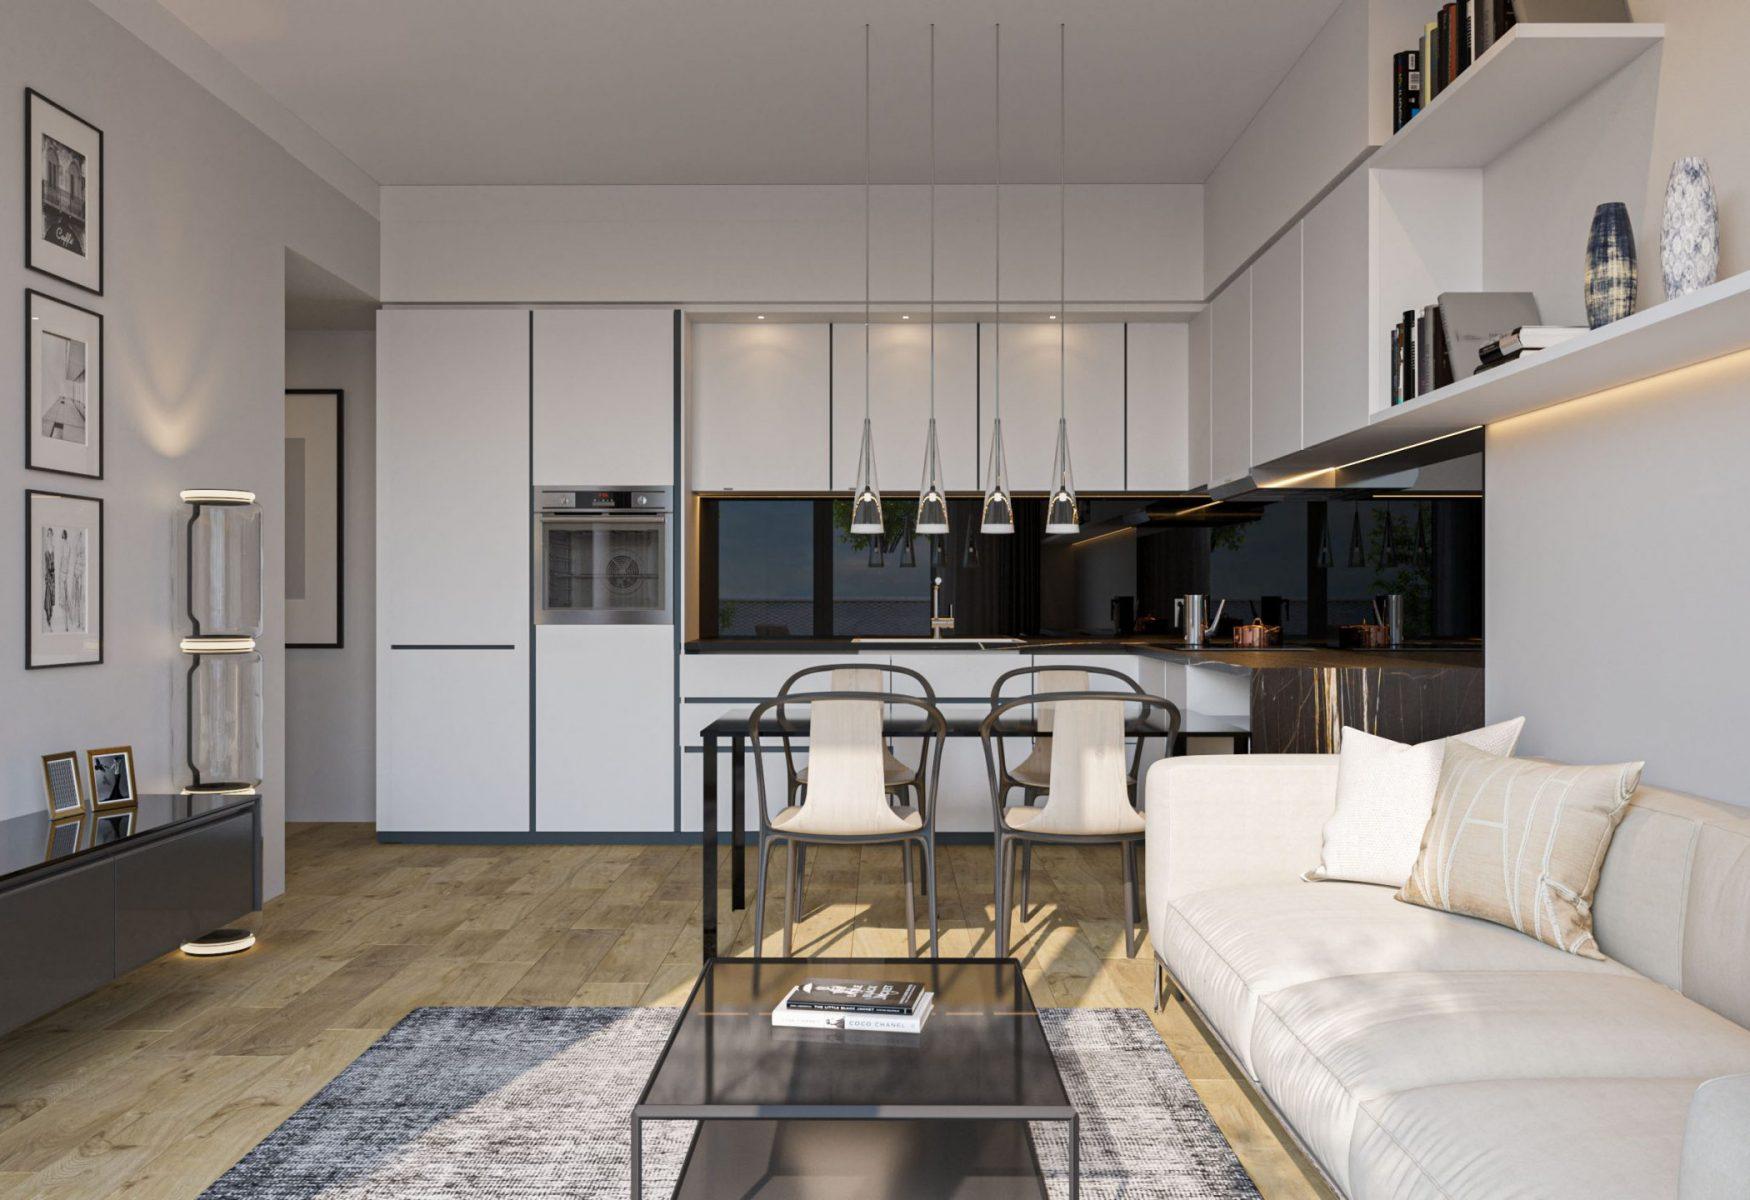 milara-srl-gruppo-postiglione-societa-di-costruzioni-e-vendita-appartamenti-immobili-residenziali-commerciali-cr53-f4-torre-nuova-torrione-living